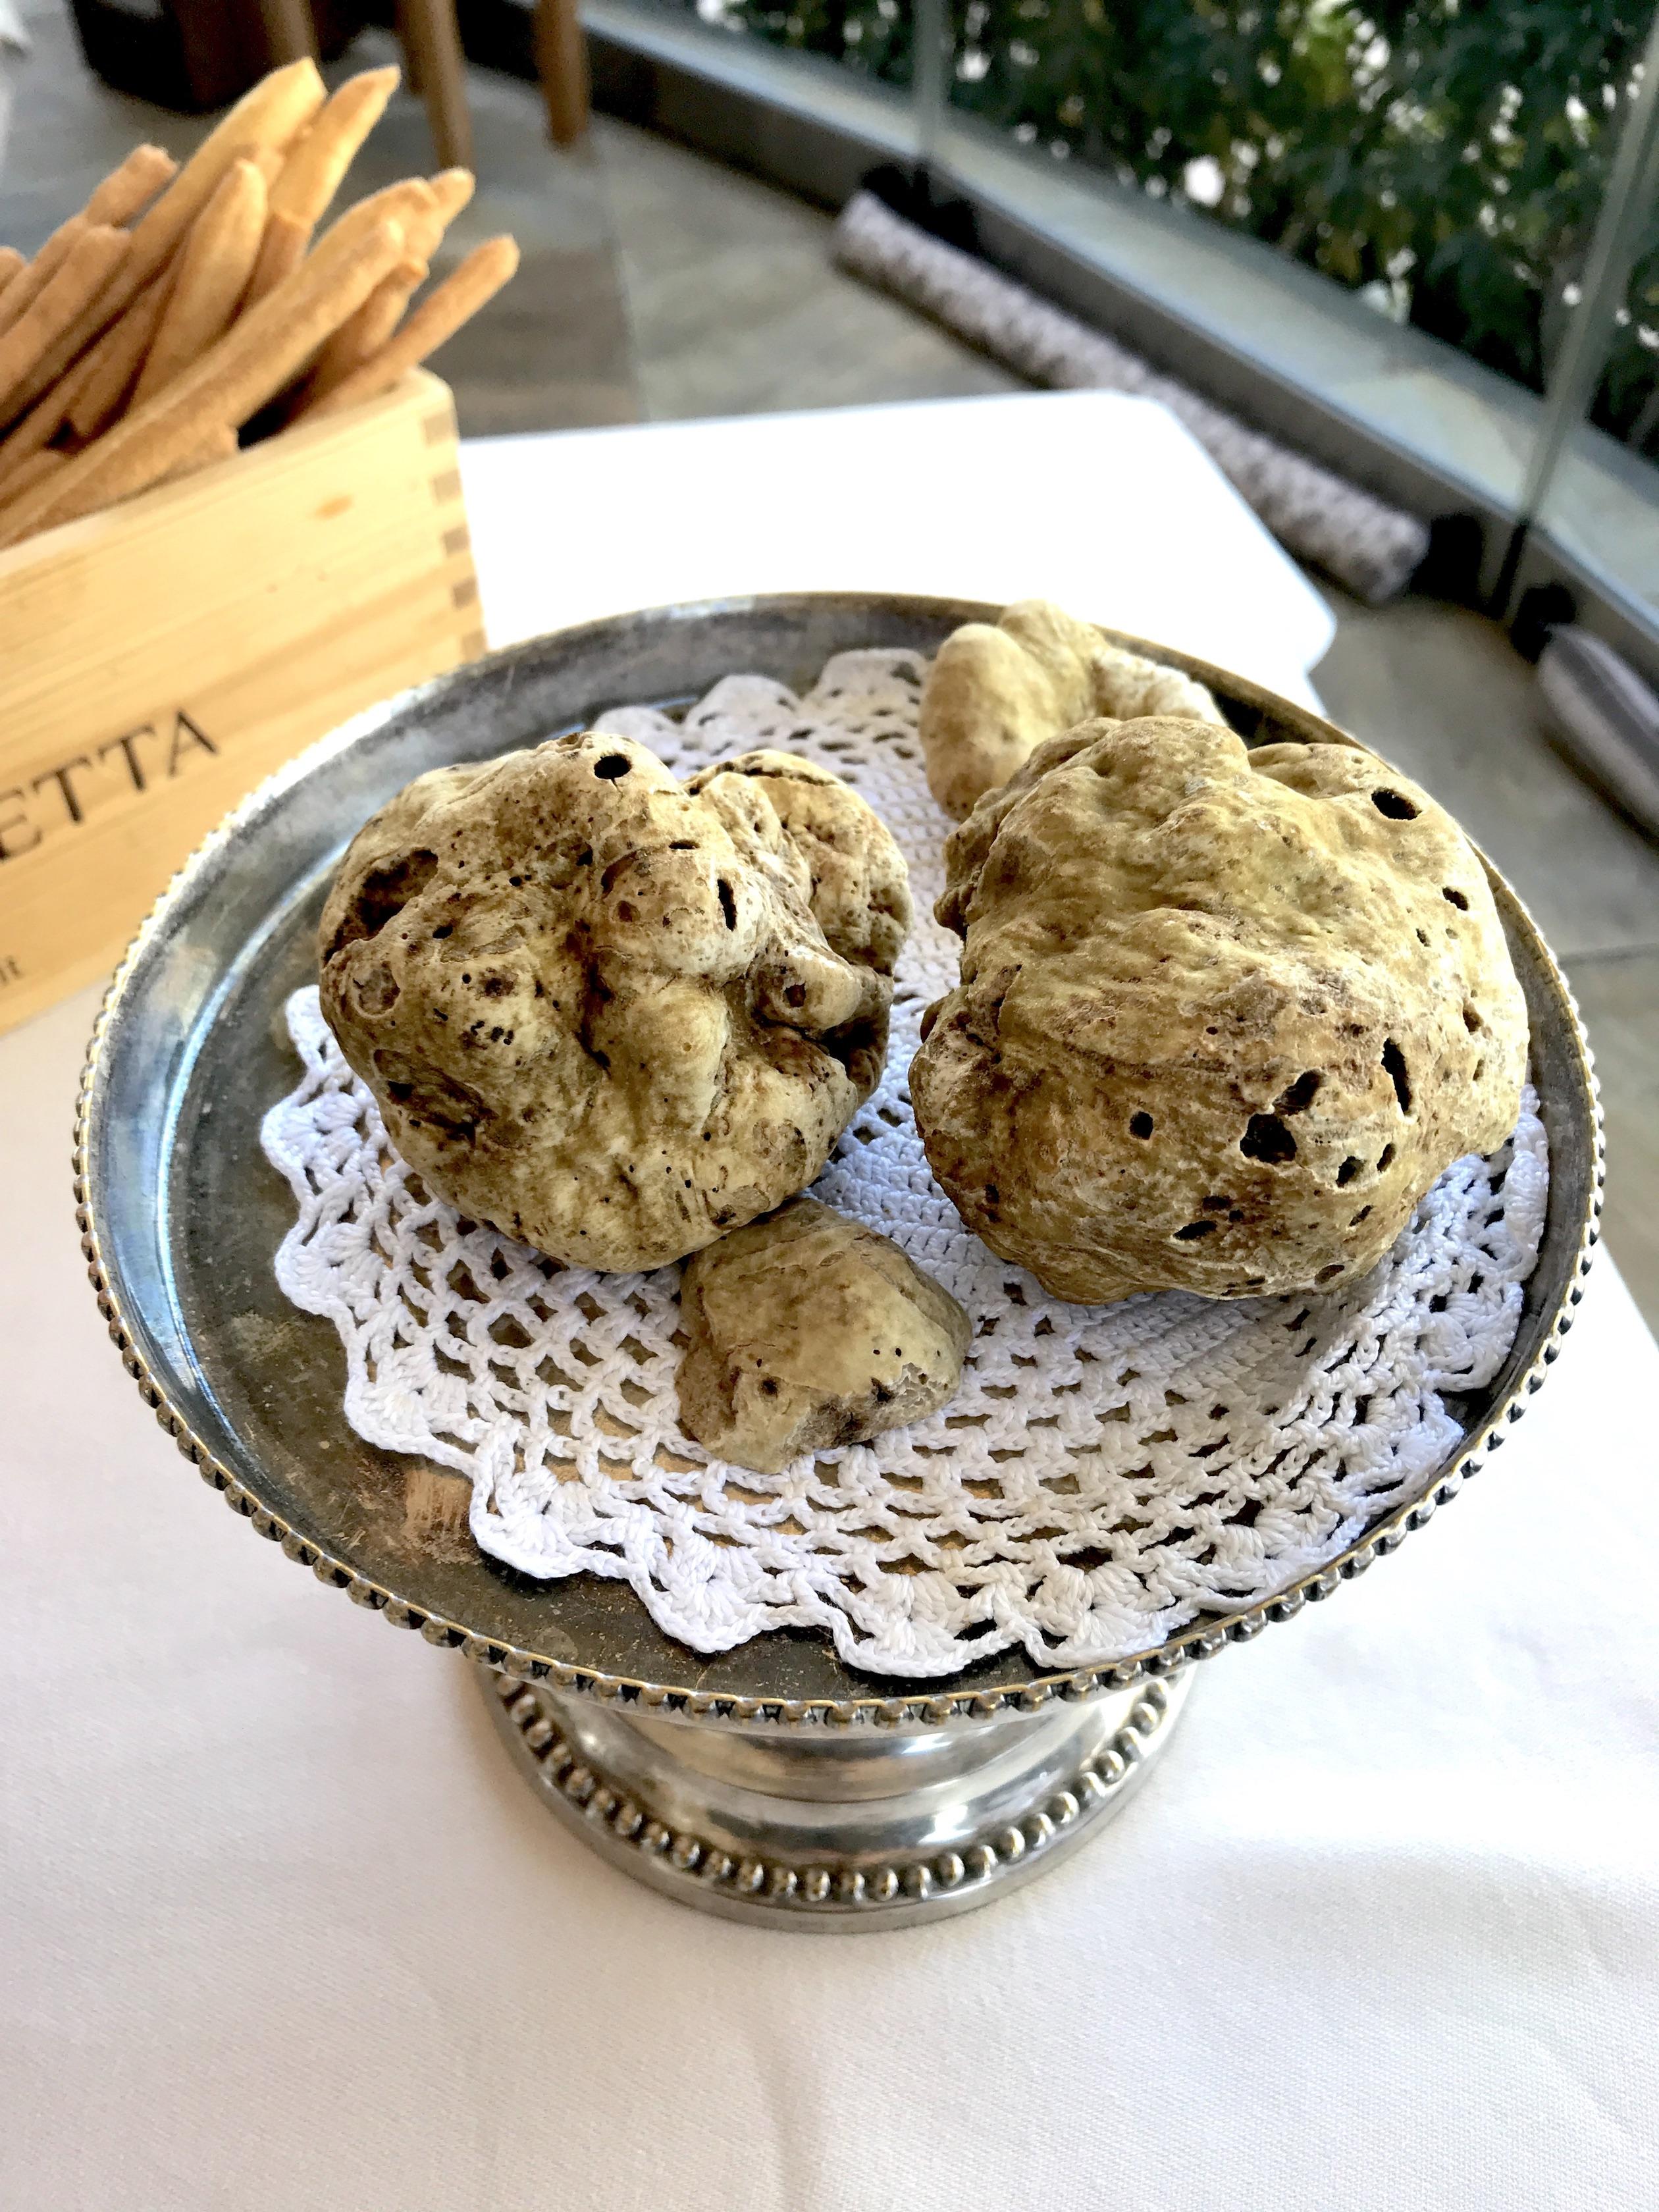 alba-white-truffle-piedmont-italy-lustforthesublime